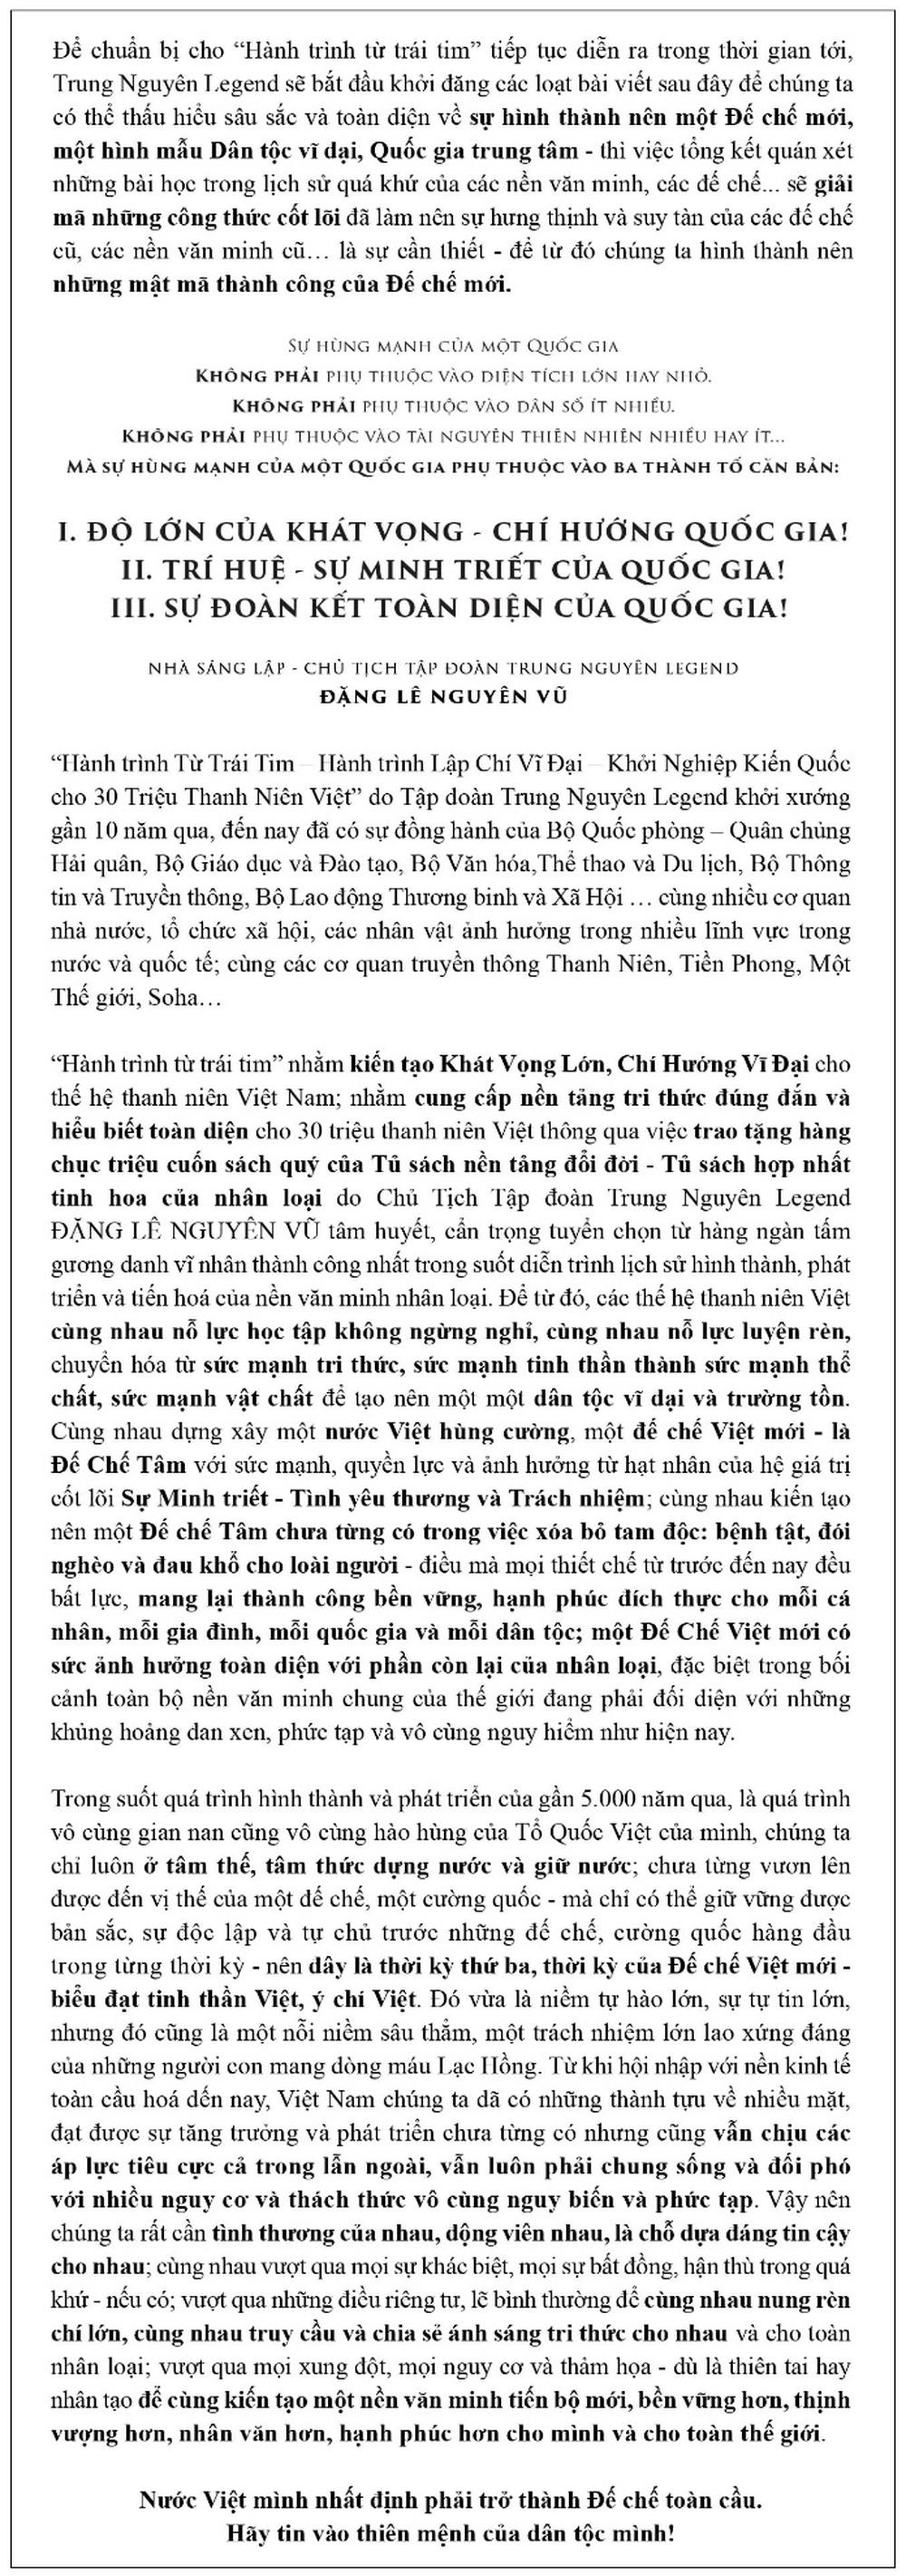 Thập Nhị Binh Thư - Binh thư số 10 và số 11: Binh thư Yếu Lược - Ảnh 1.